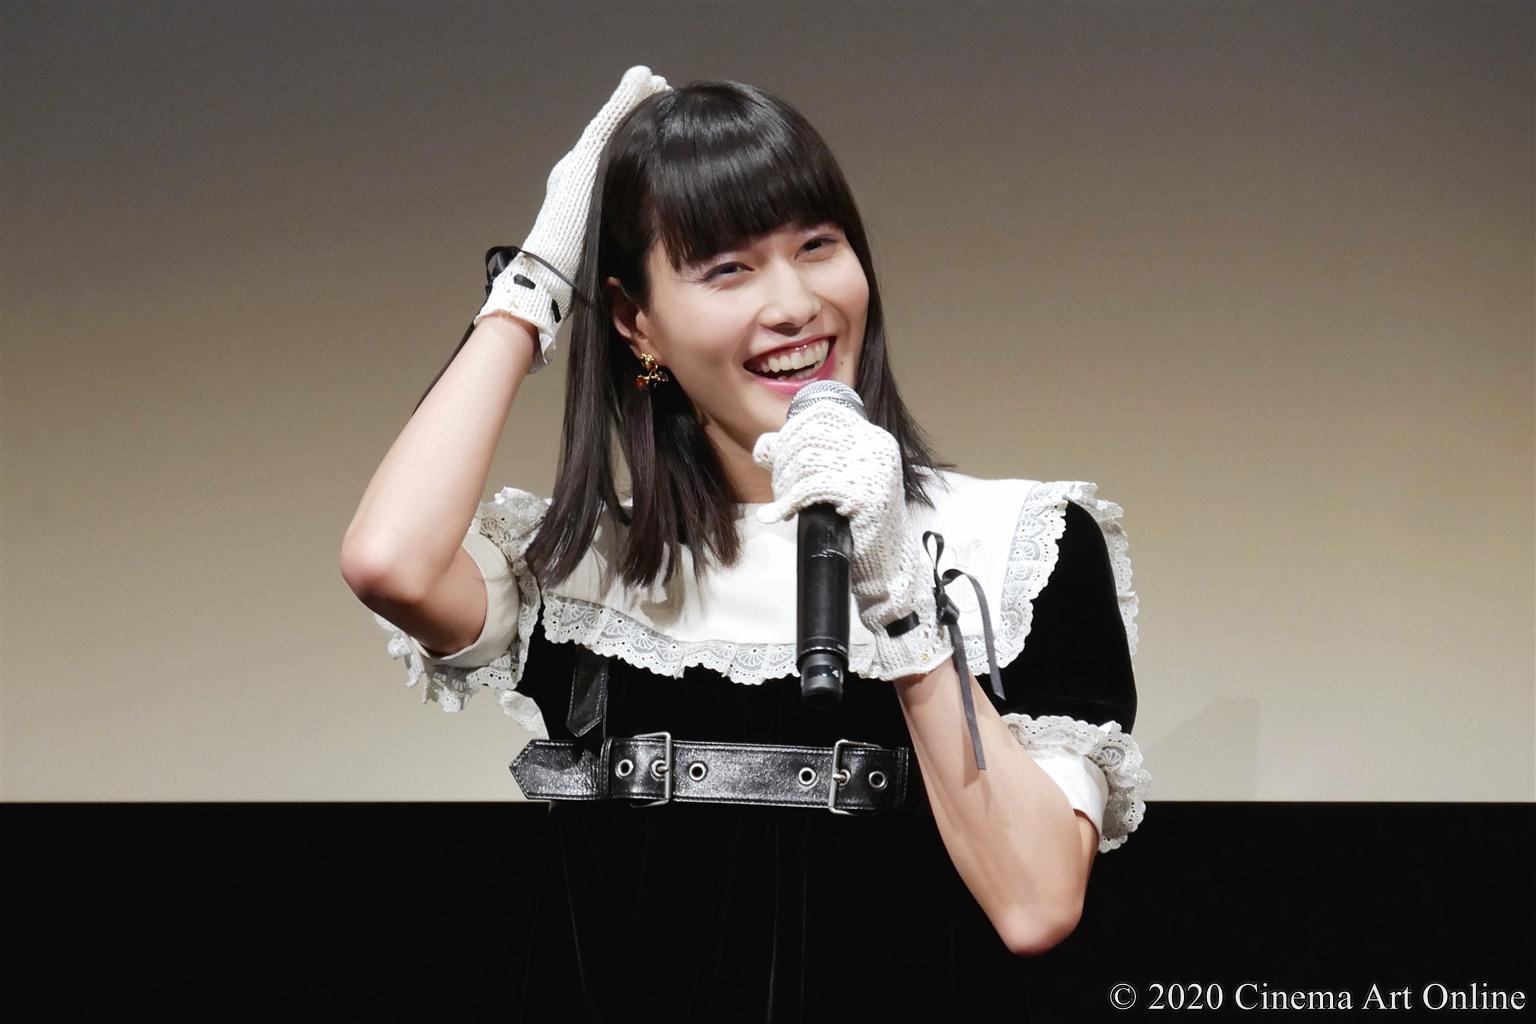 【写真】第33回 東京国際映画祭(TIFF) TOKYOプレミア2020部門 映画『私をくいとめて』舞台挨拶 (橋本愛)